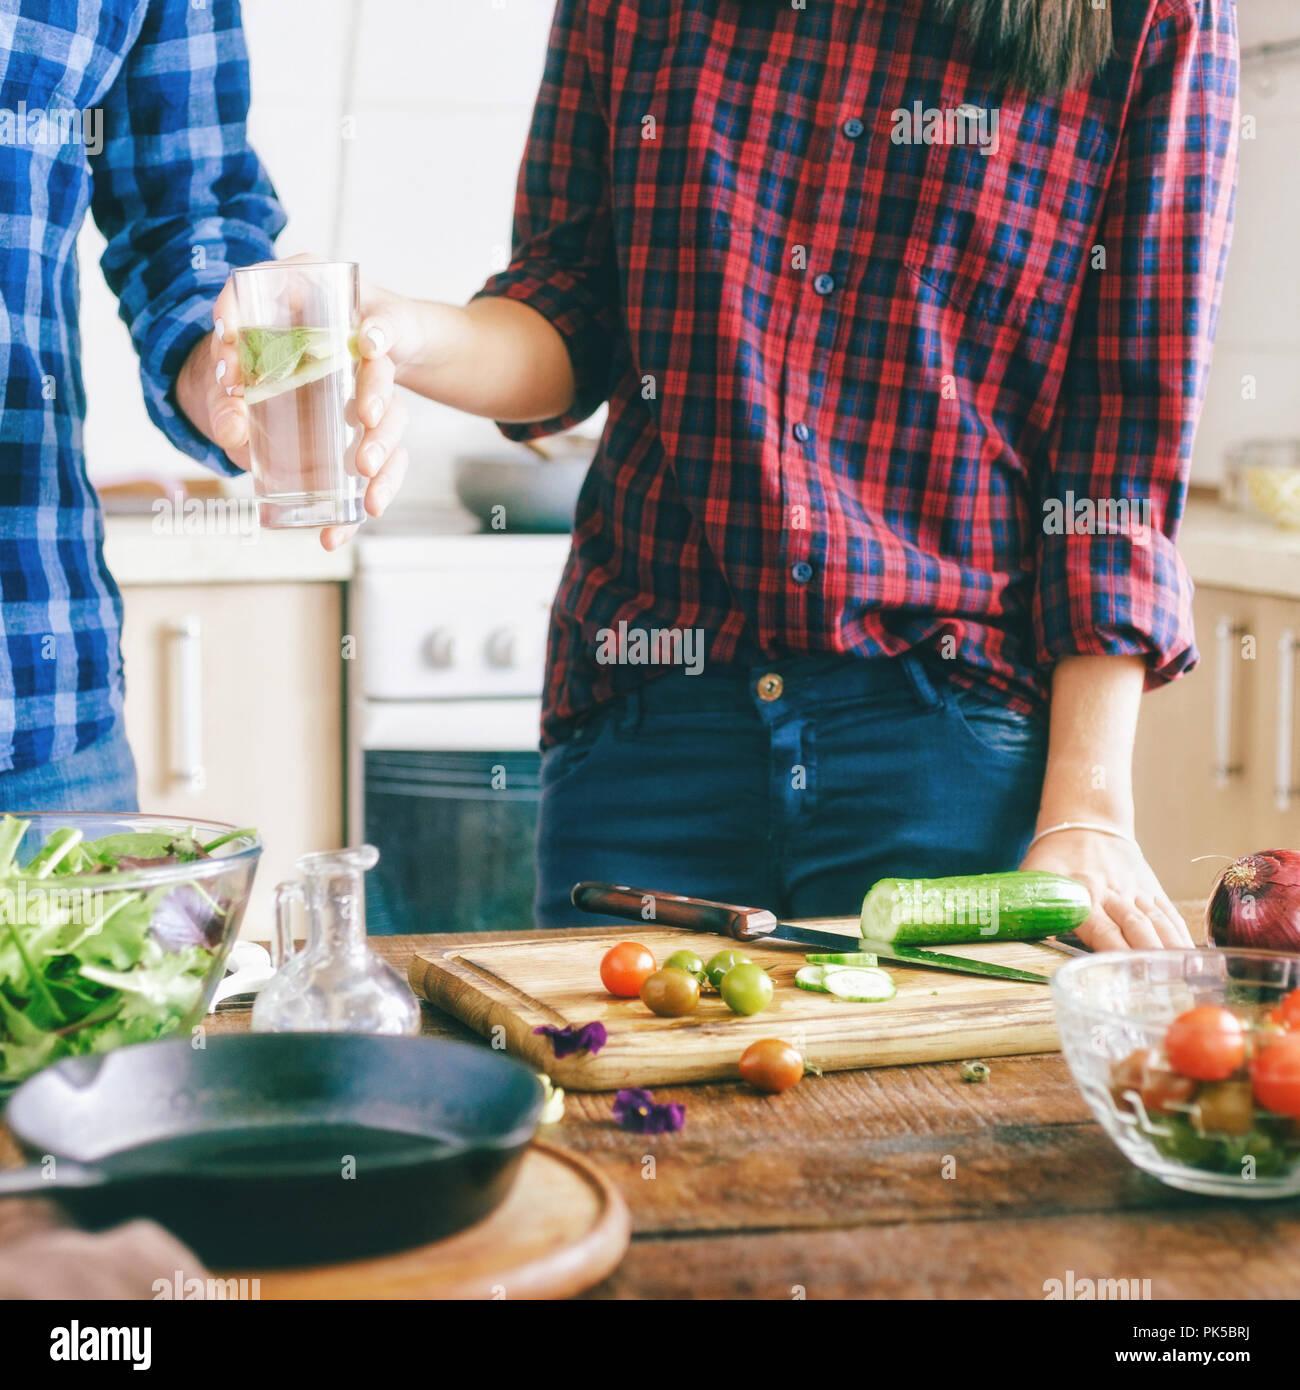 Paar bereitet sich gesunde leichte Abendessen zu Hause in ...